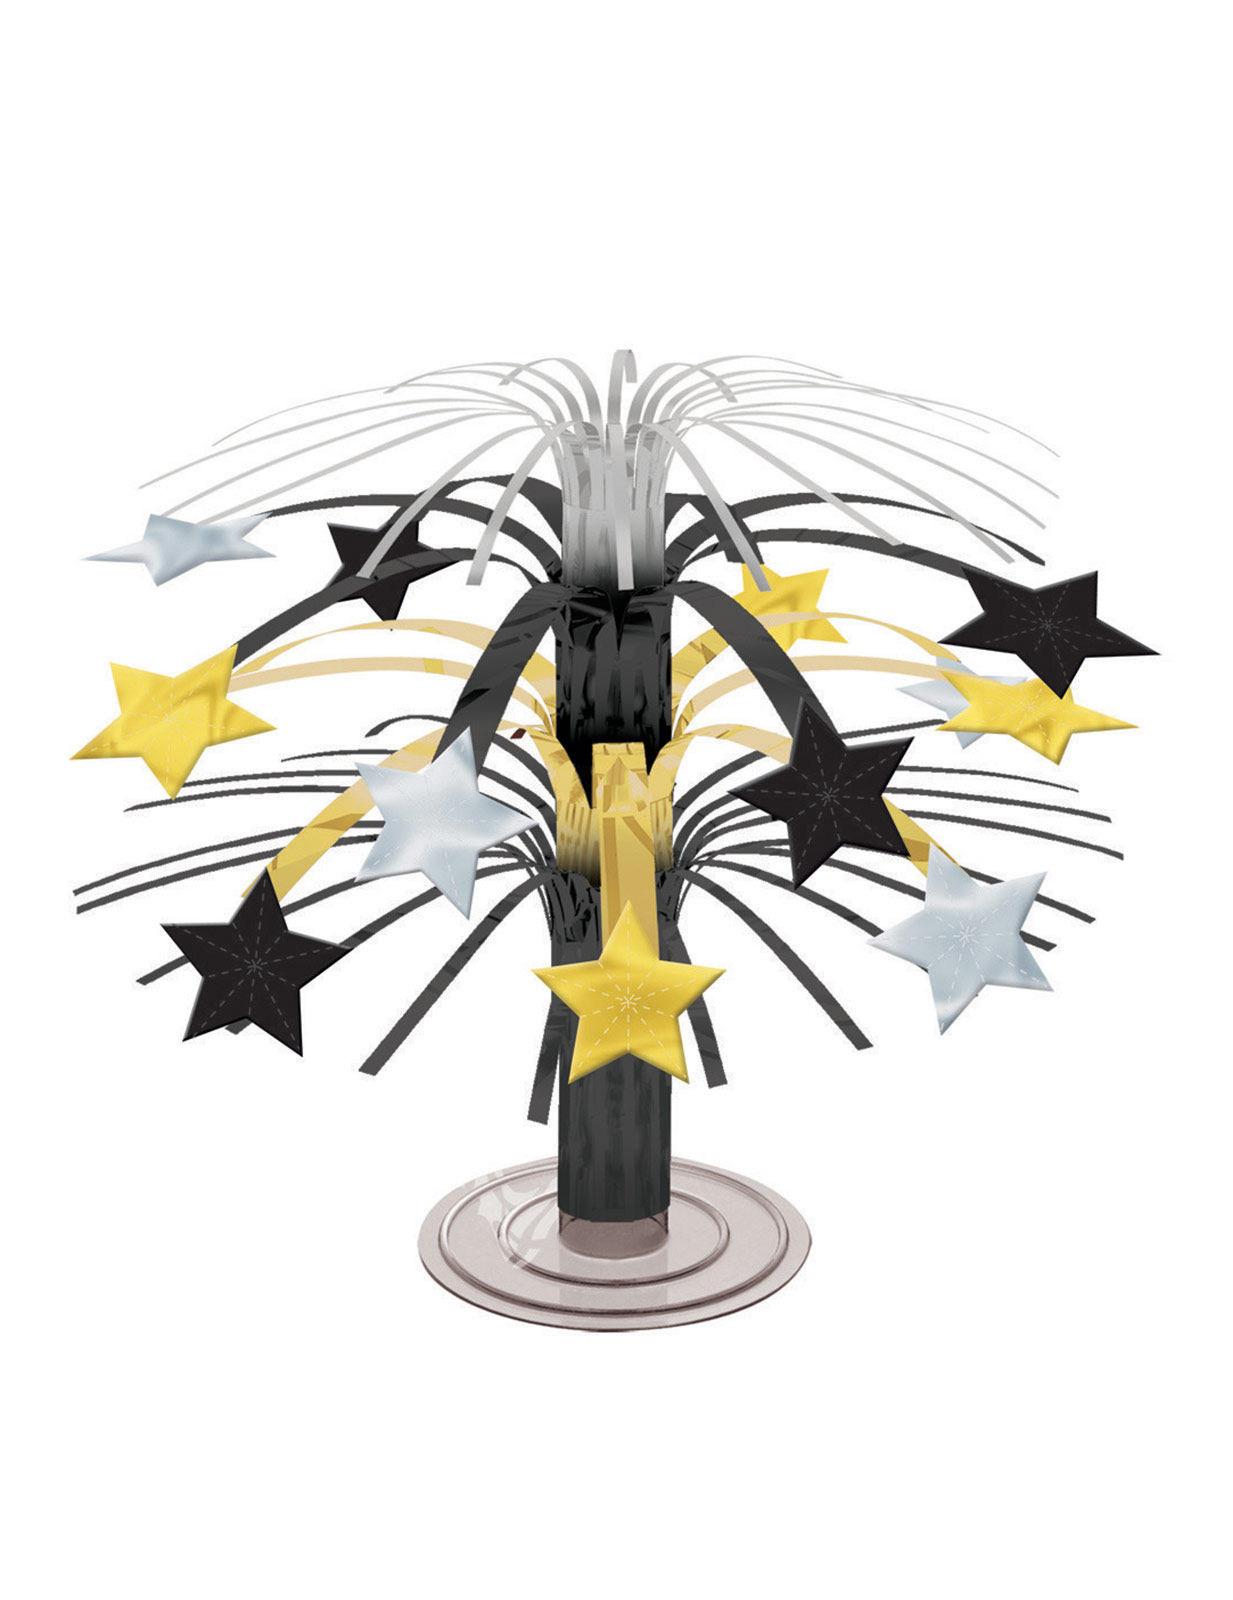 Tischdeko Mit Sternen Aus Gold Silber Und Schwarz 19 Cm Partydeko